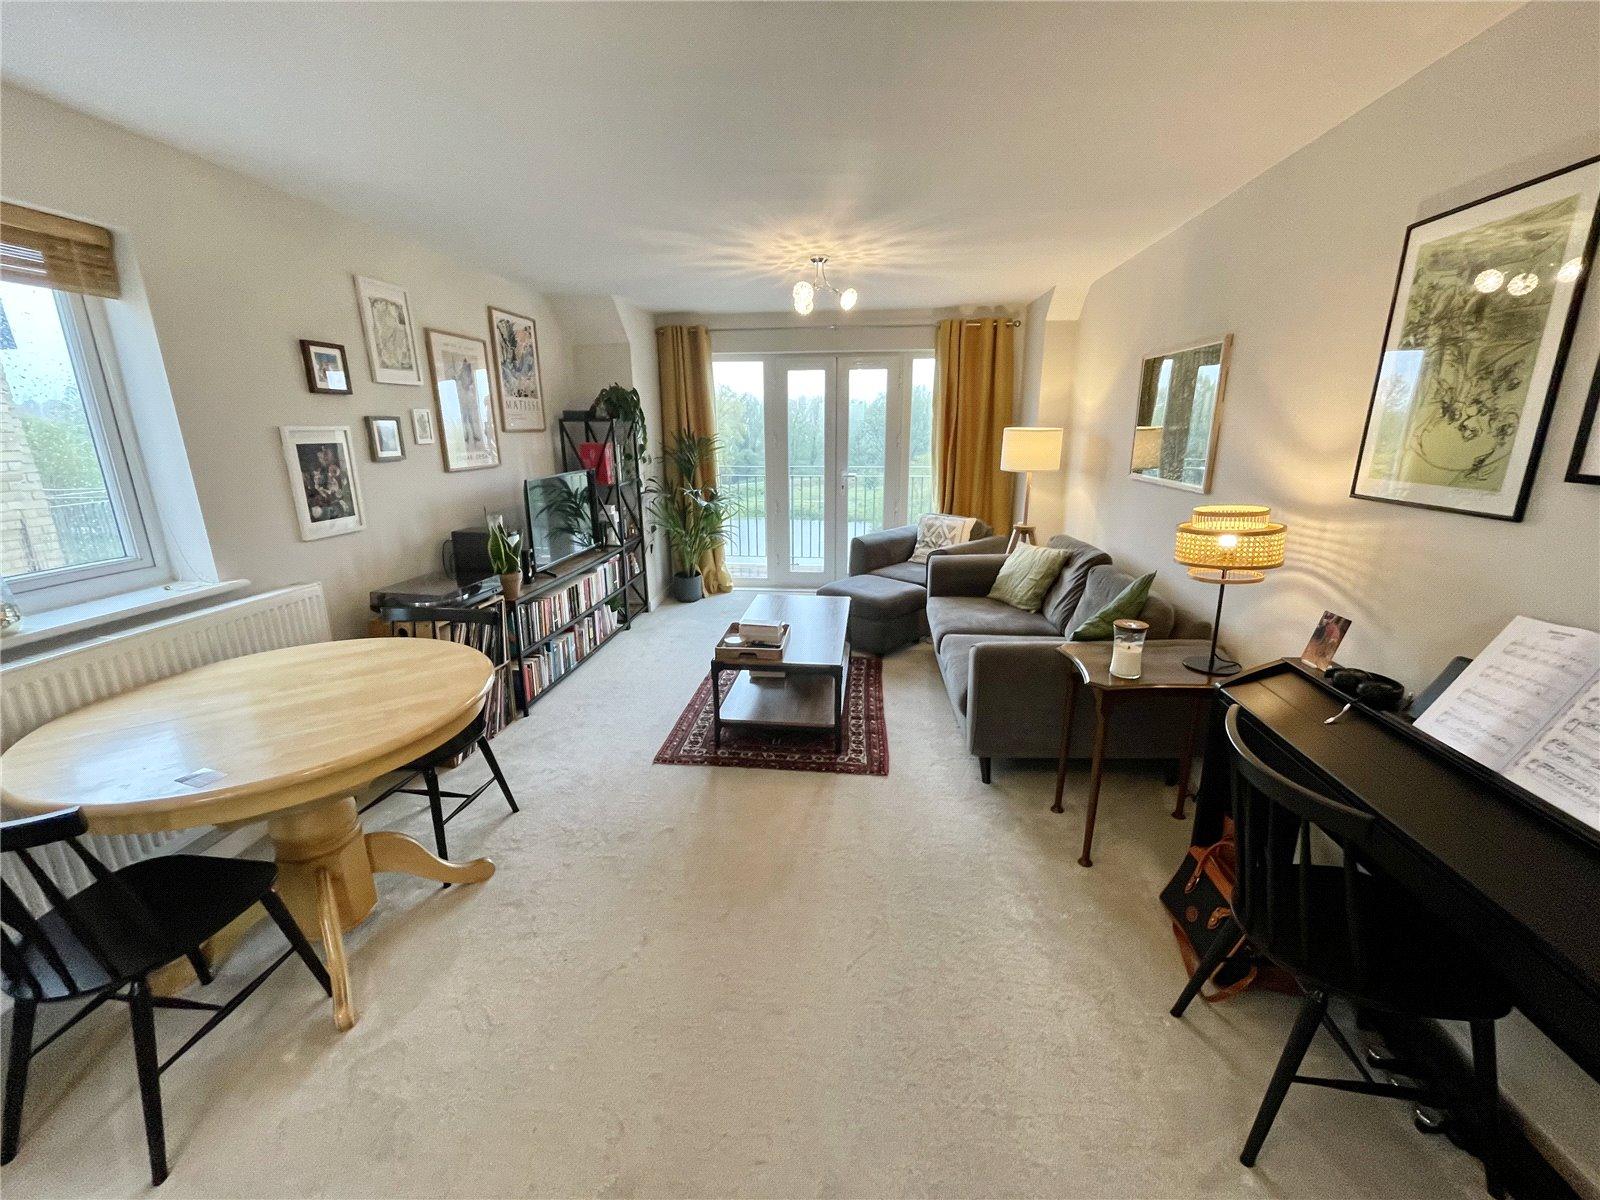 2 bed apartment for sale in Wren Walk, Eynesbury, PE19